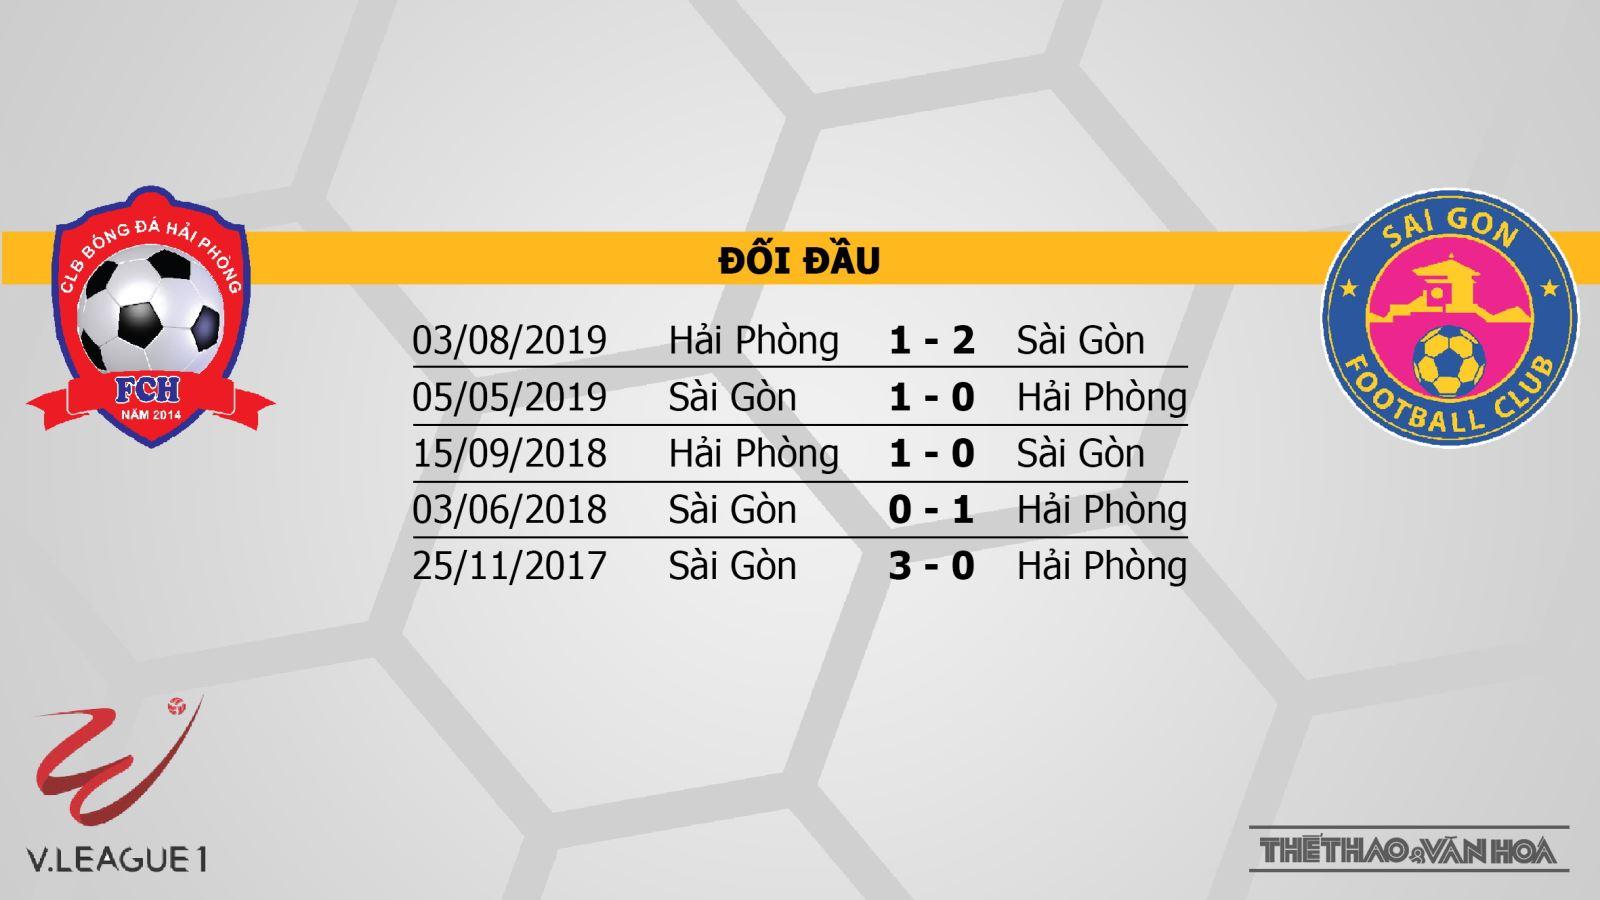 Hải Phòng vs Sài Gòn, bóng đá, Hải Phòng, Sài Gòn, soi kèo bóng đá, kèo bóng đá, V-League, lịch thi đấu bóng đá